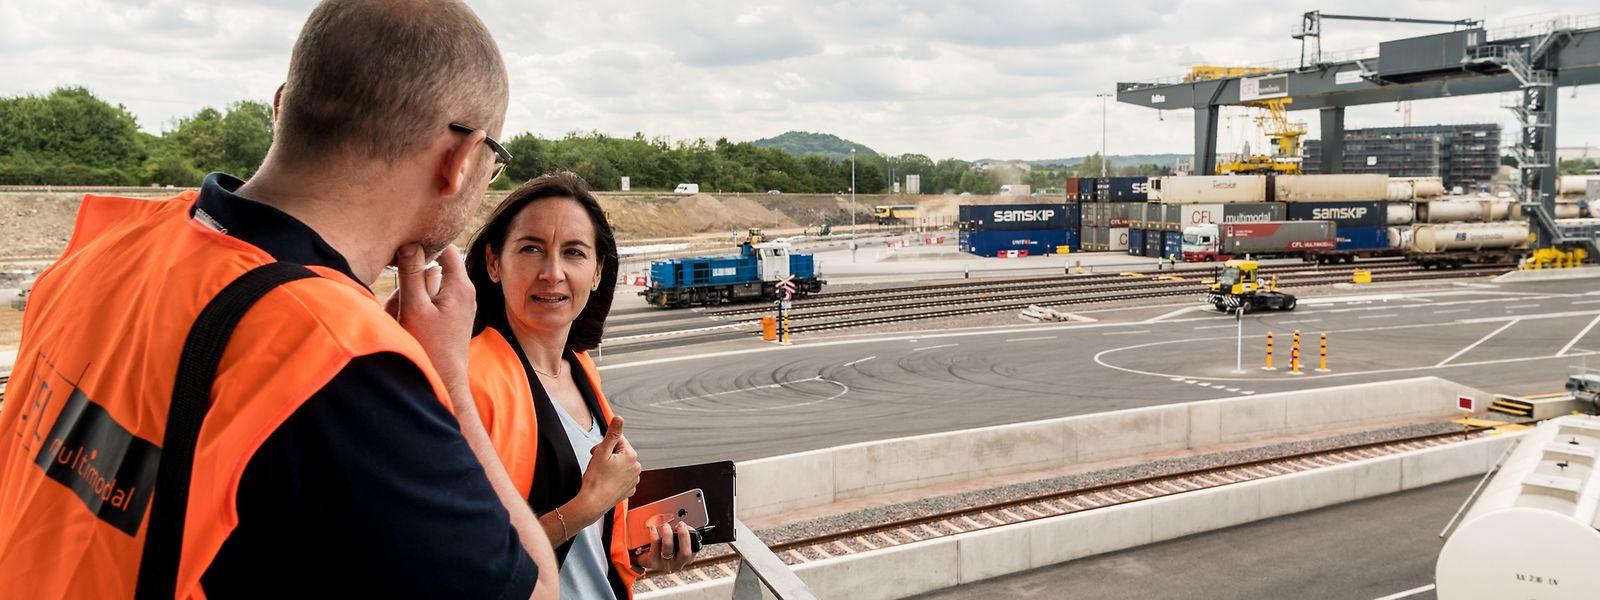 Barbara Chevalier ist Direktorin für Strategie und Geschäftsentwicklung bei CFL Multimodal in Bettemburg.